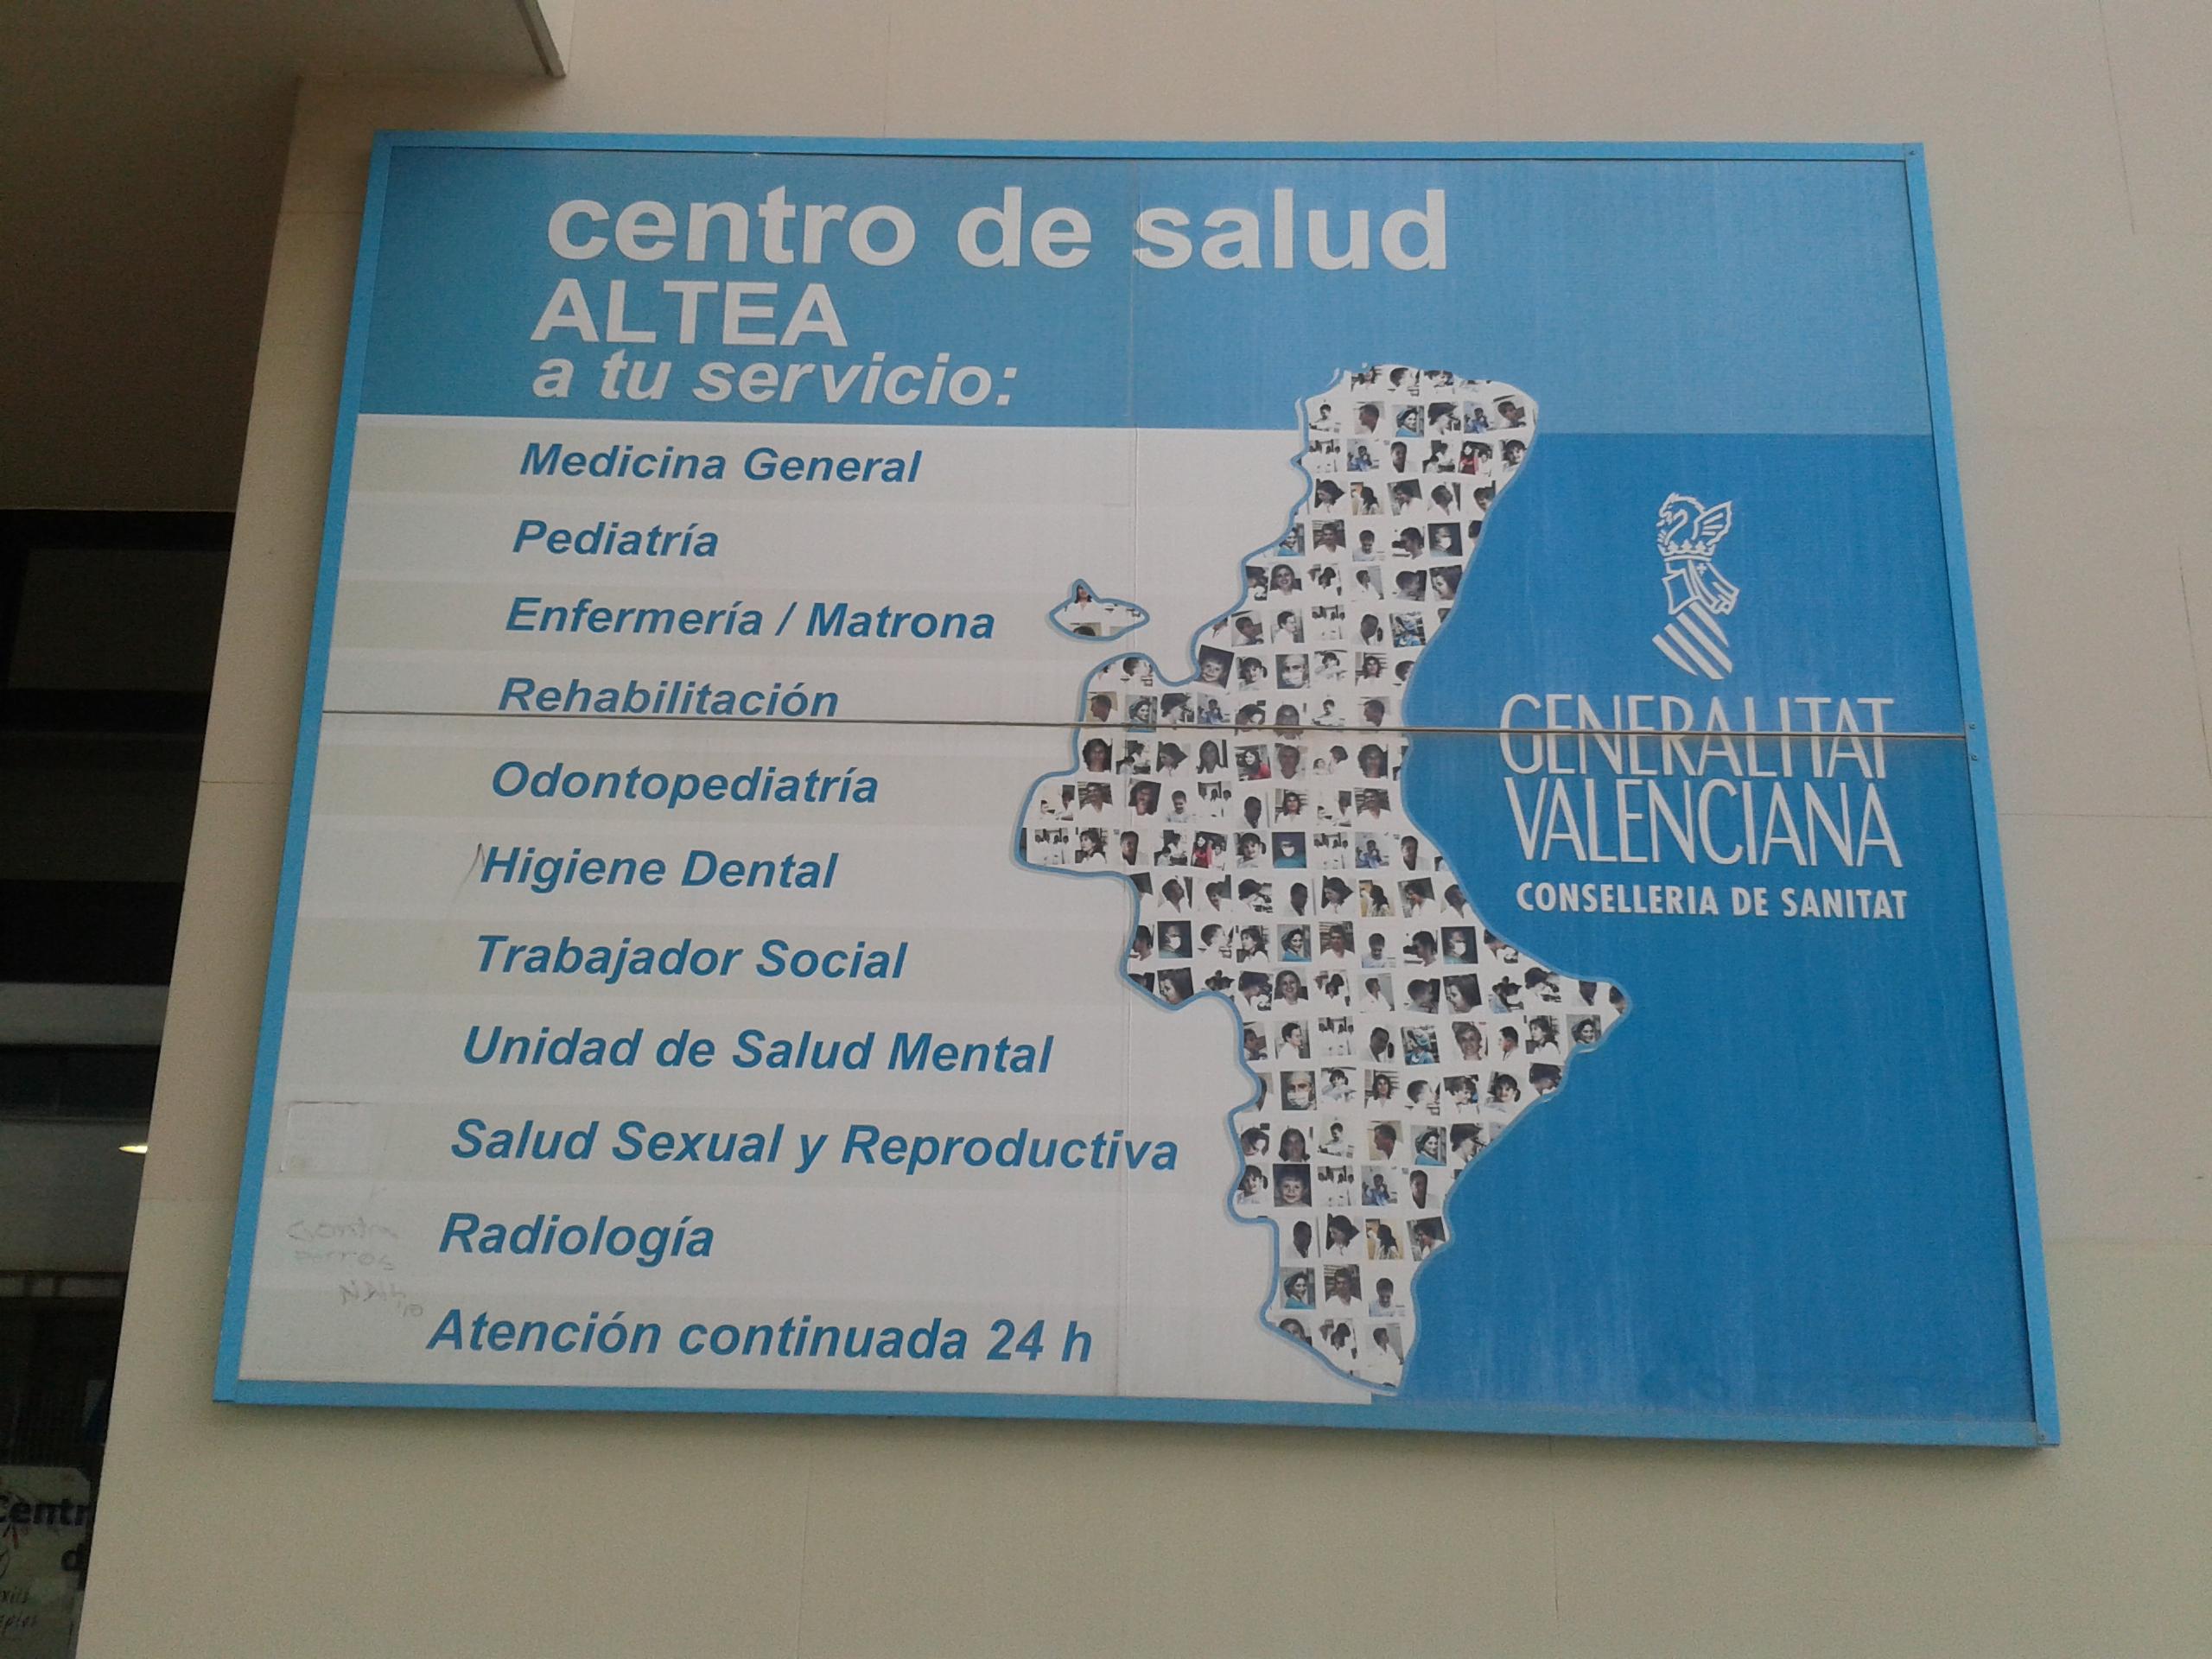 Altea escrituras expuestas en altea - Centro de salud aravaca ...